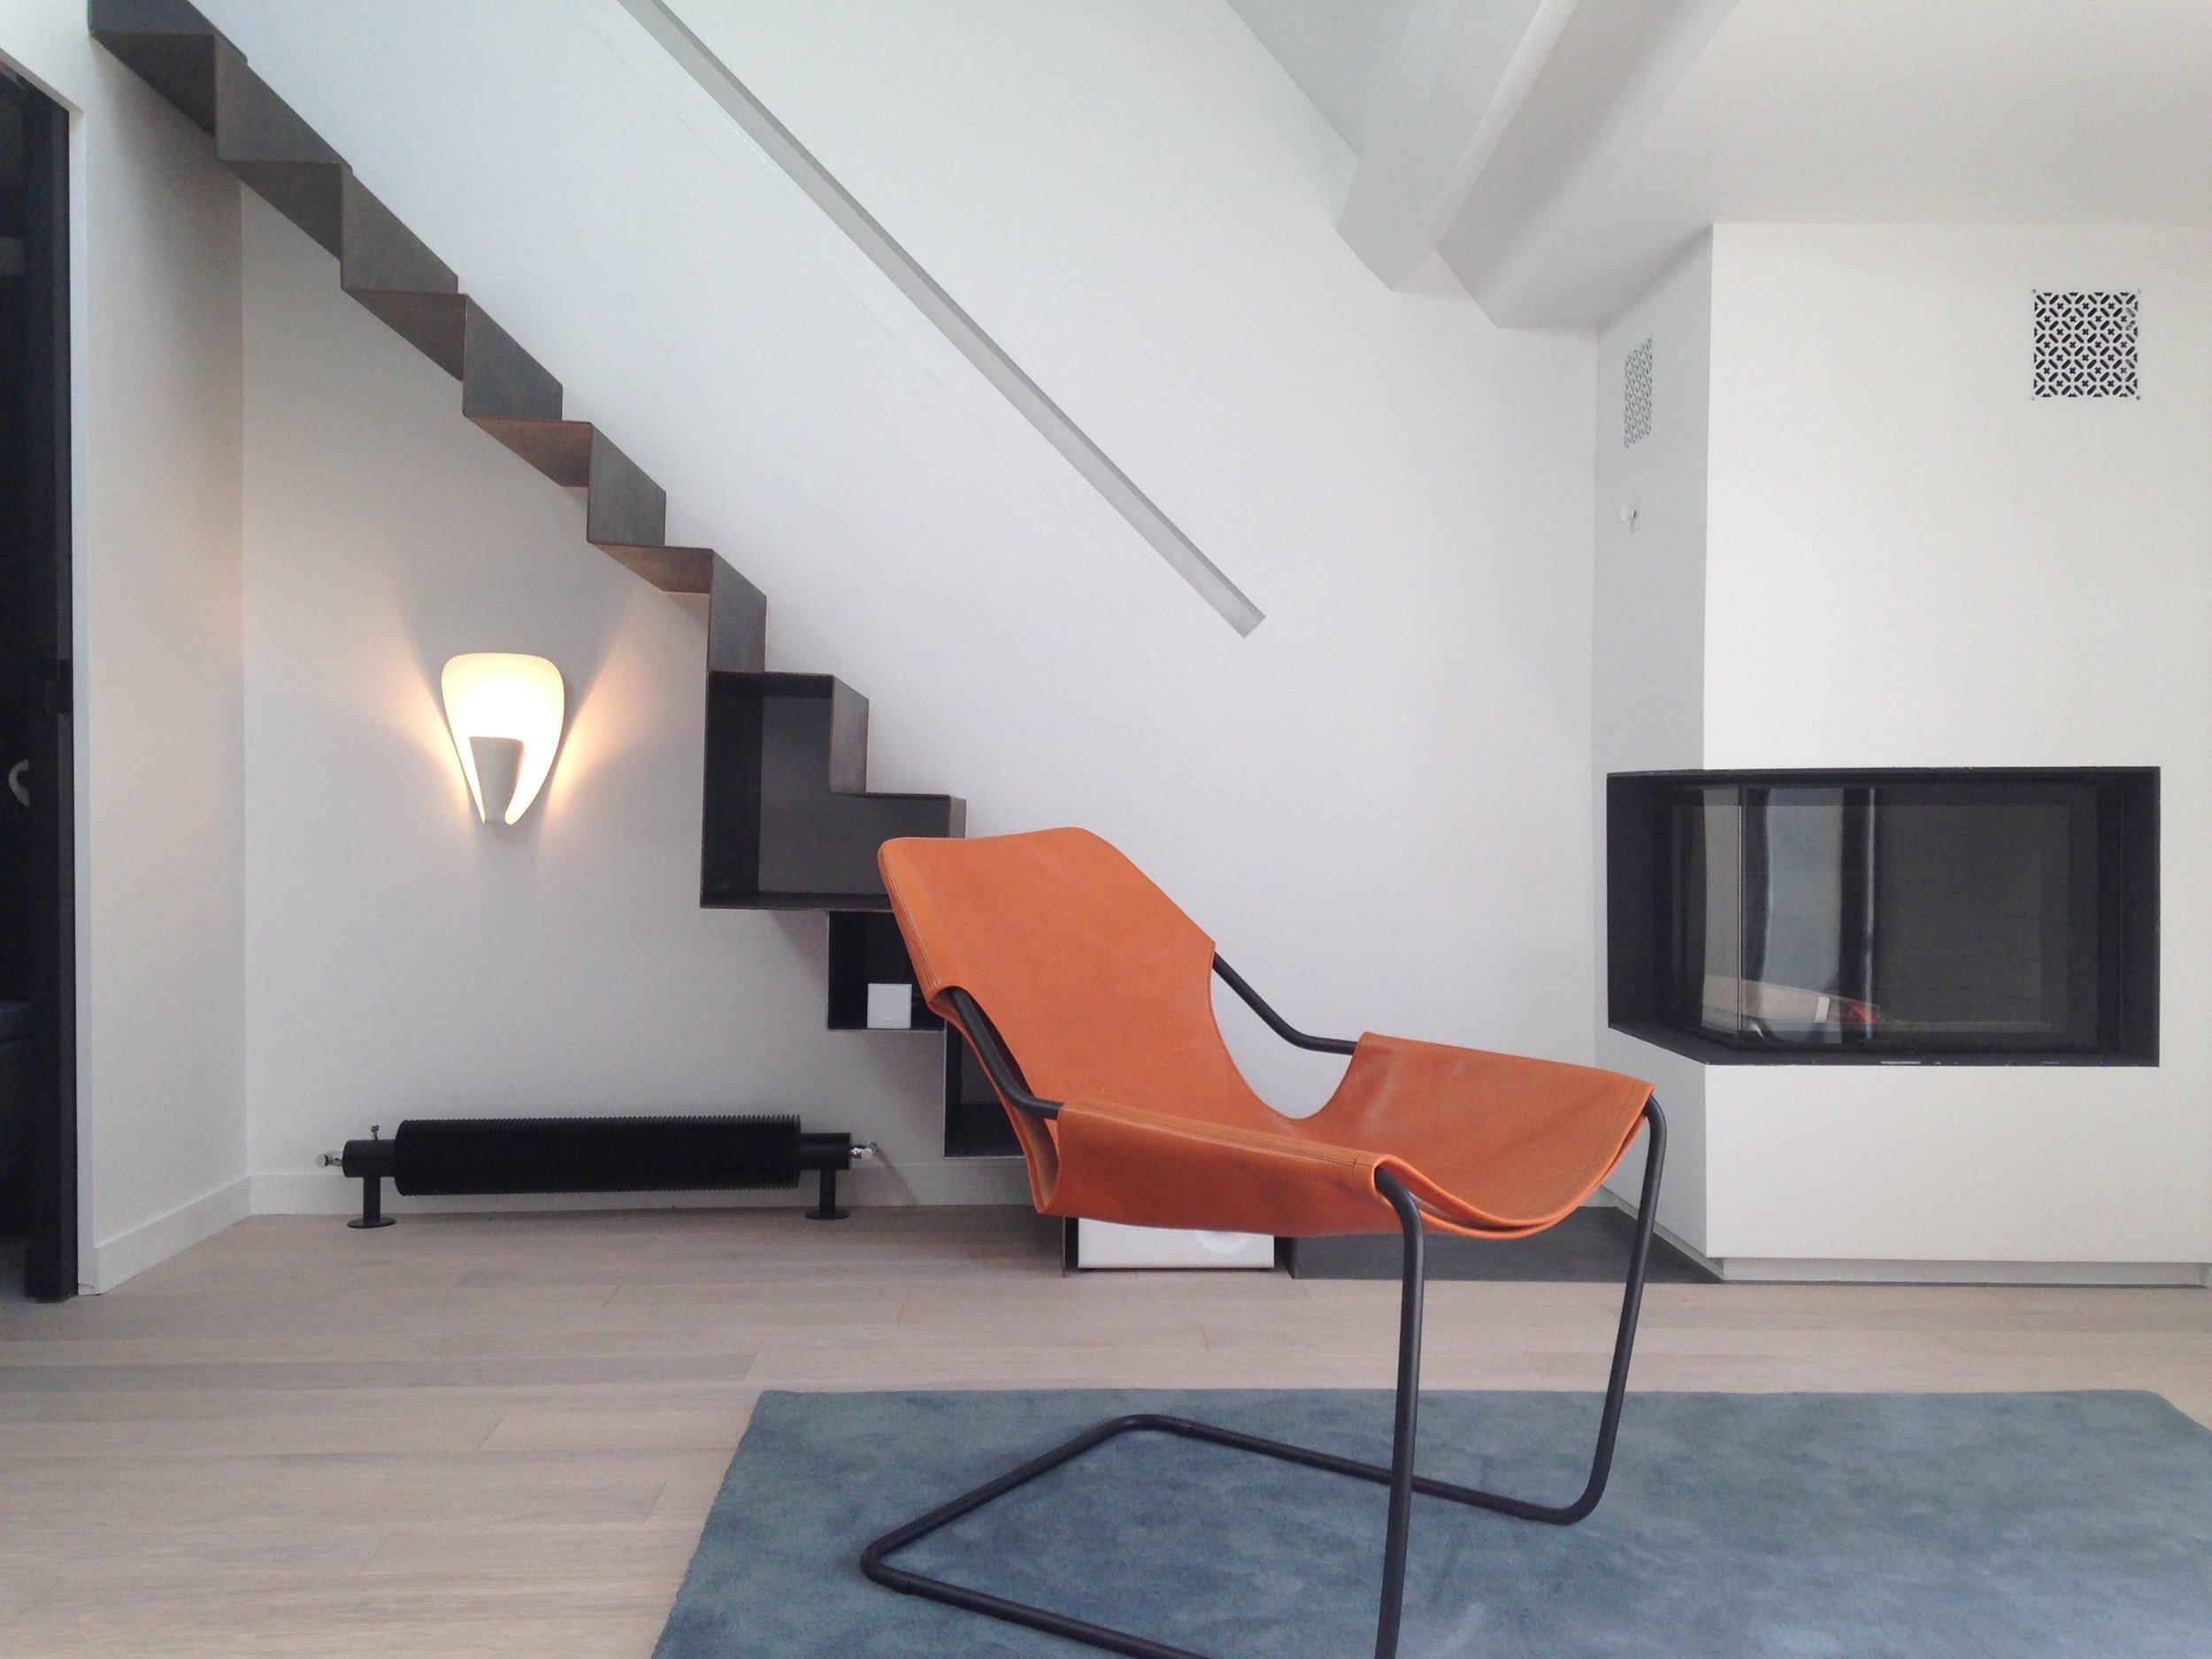 SERVANDONI - Restructuration complète et décoration d'un duplex sous les toits avec terrasse60m2 |75006 |Livré en juin 2014